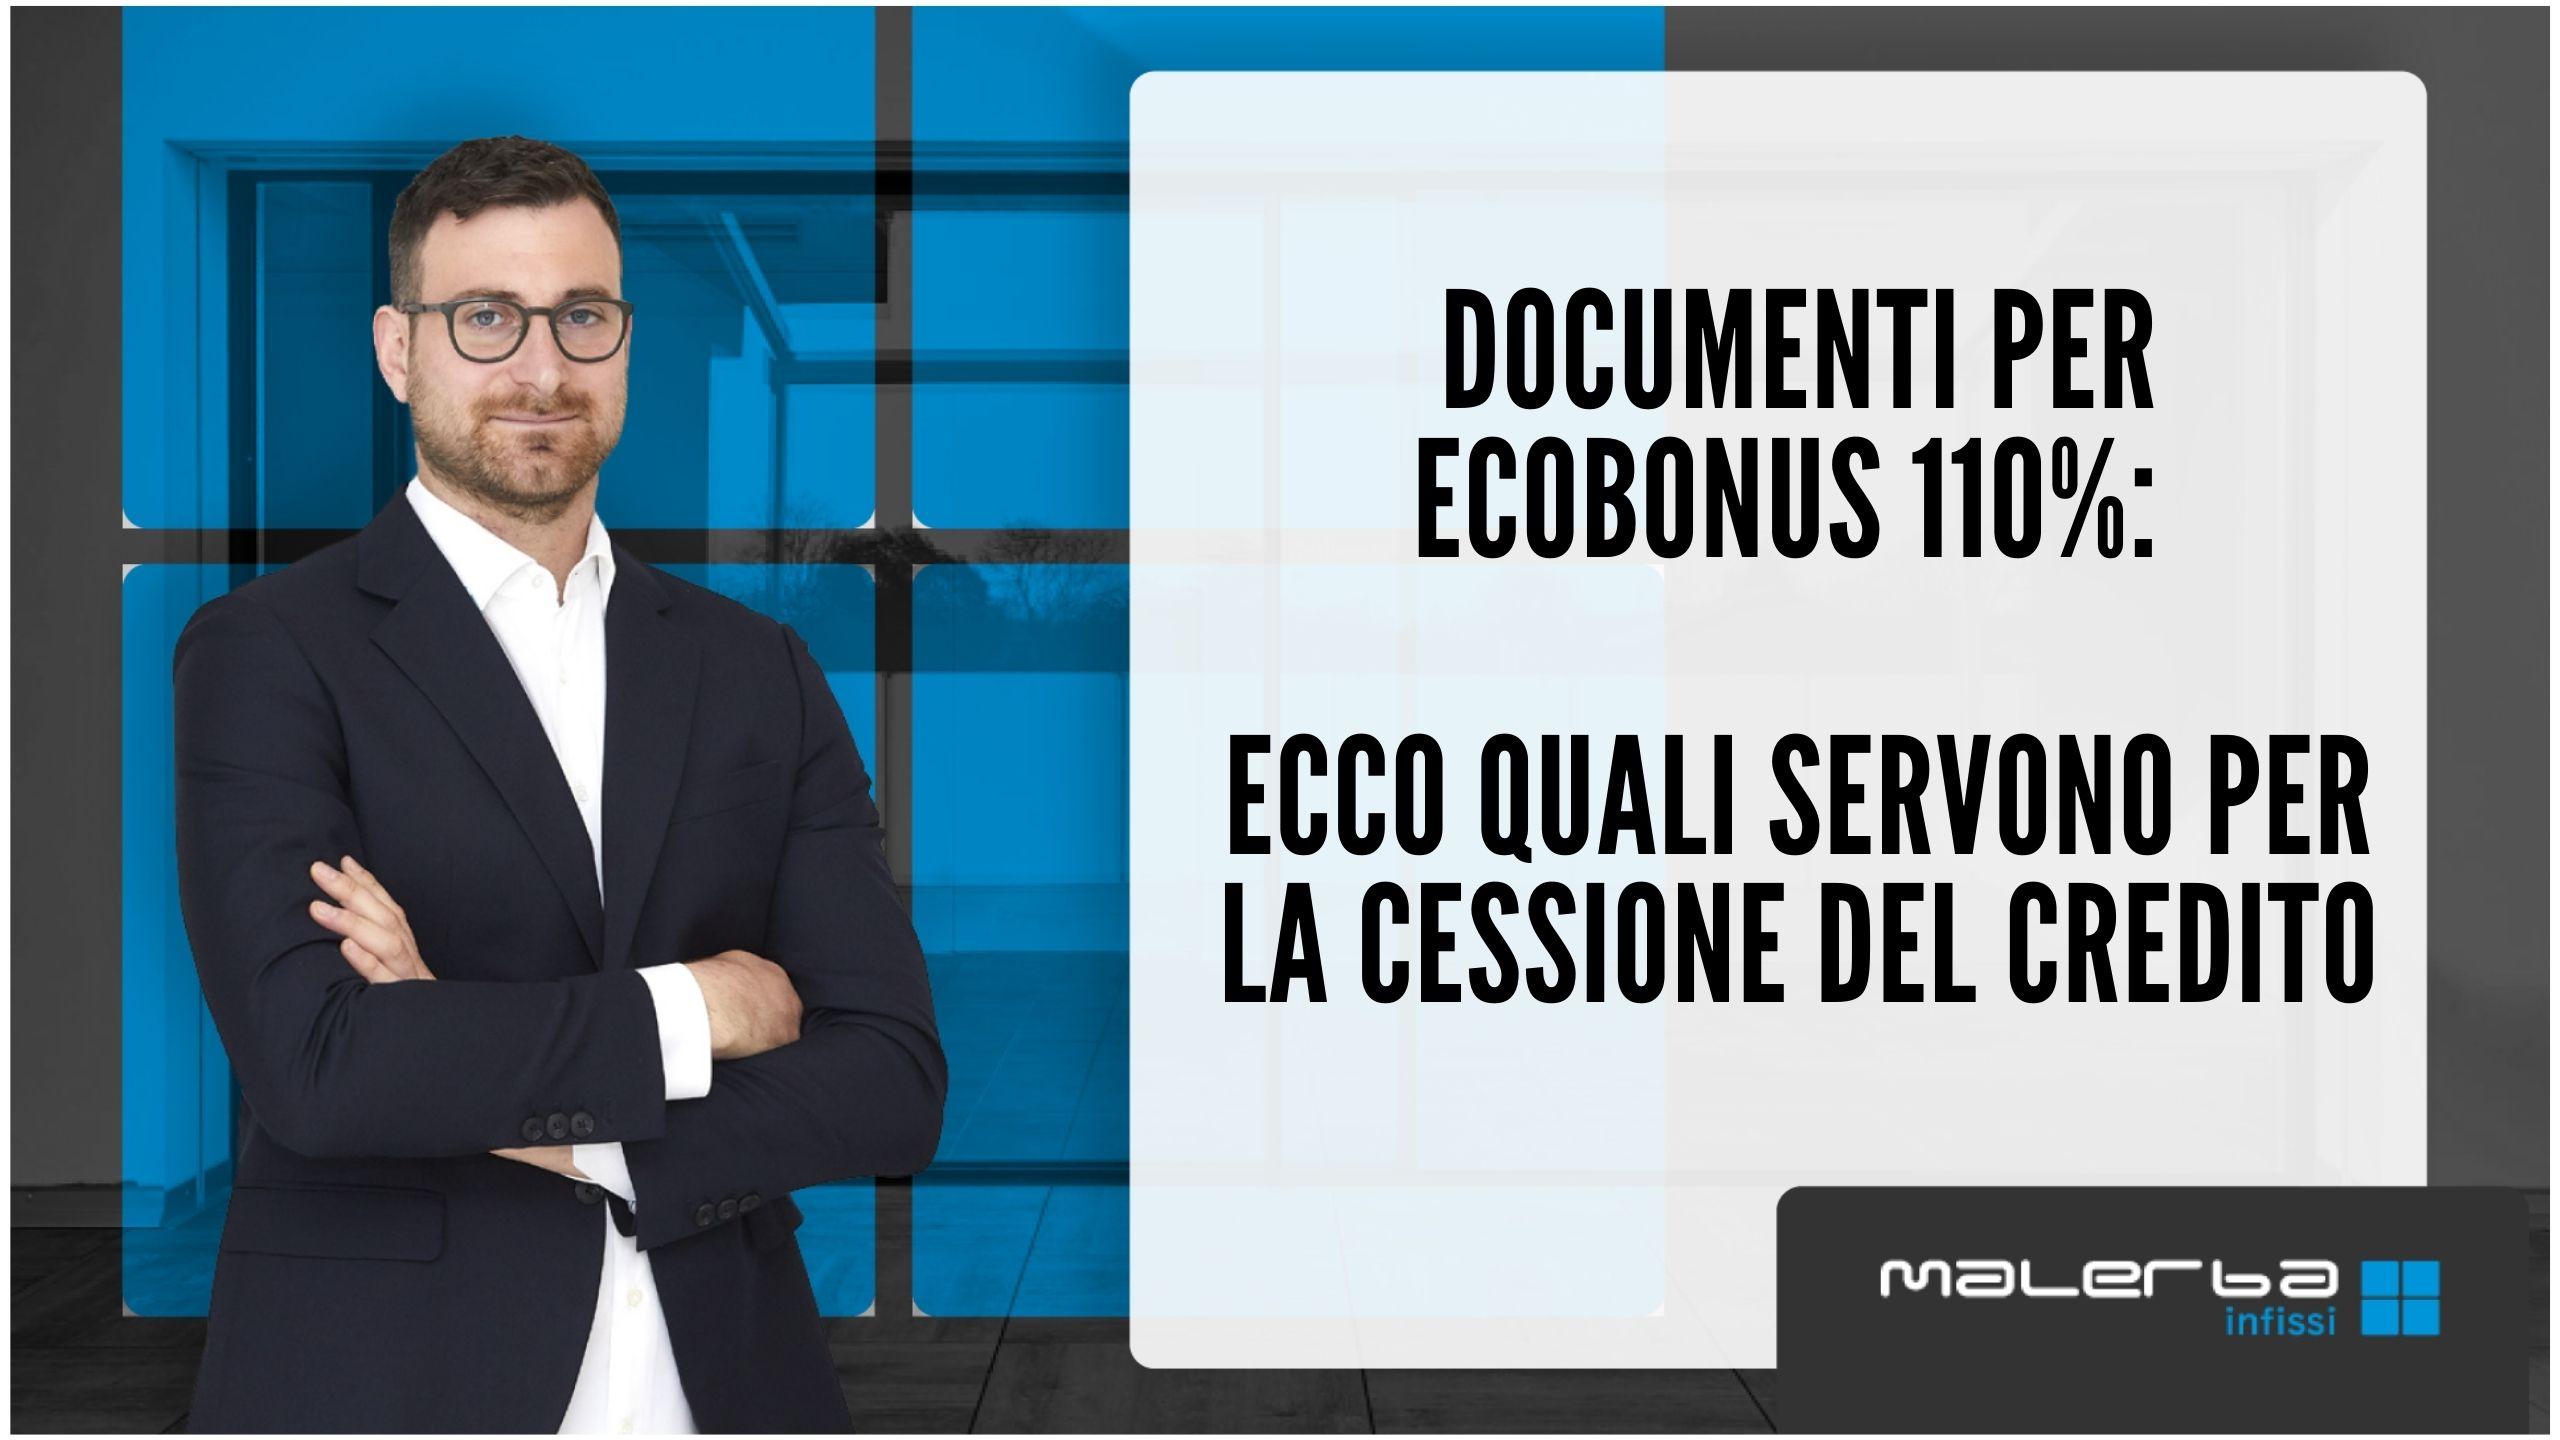 Documenti per ecobonus 110